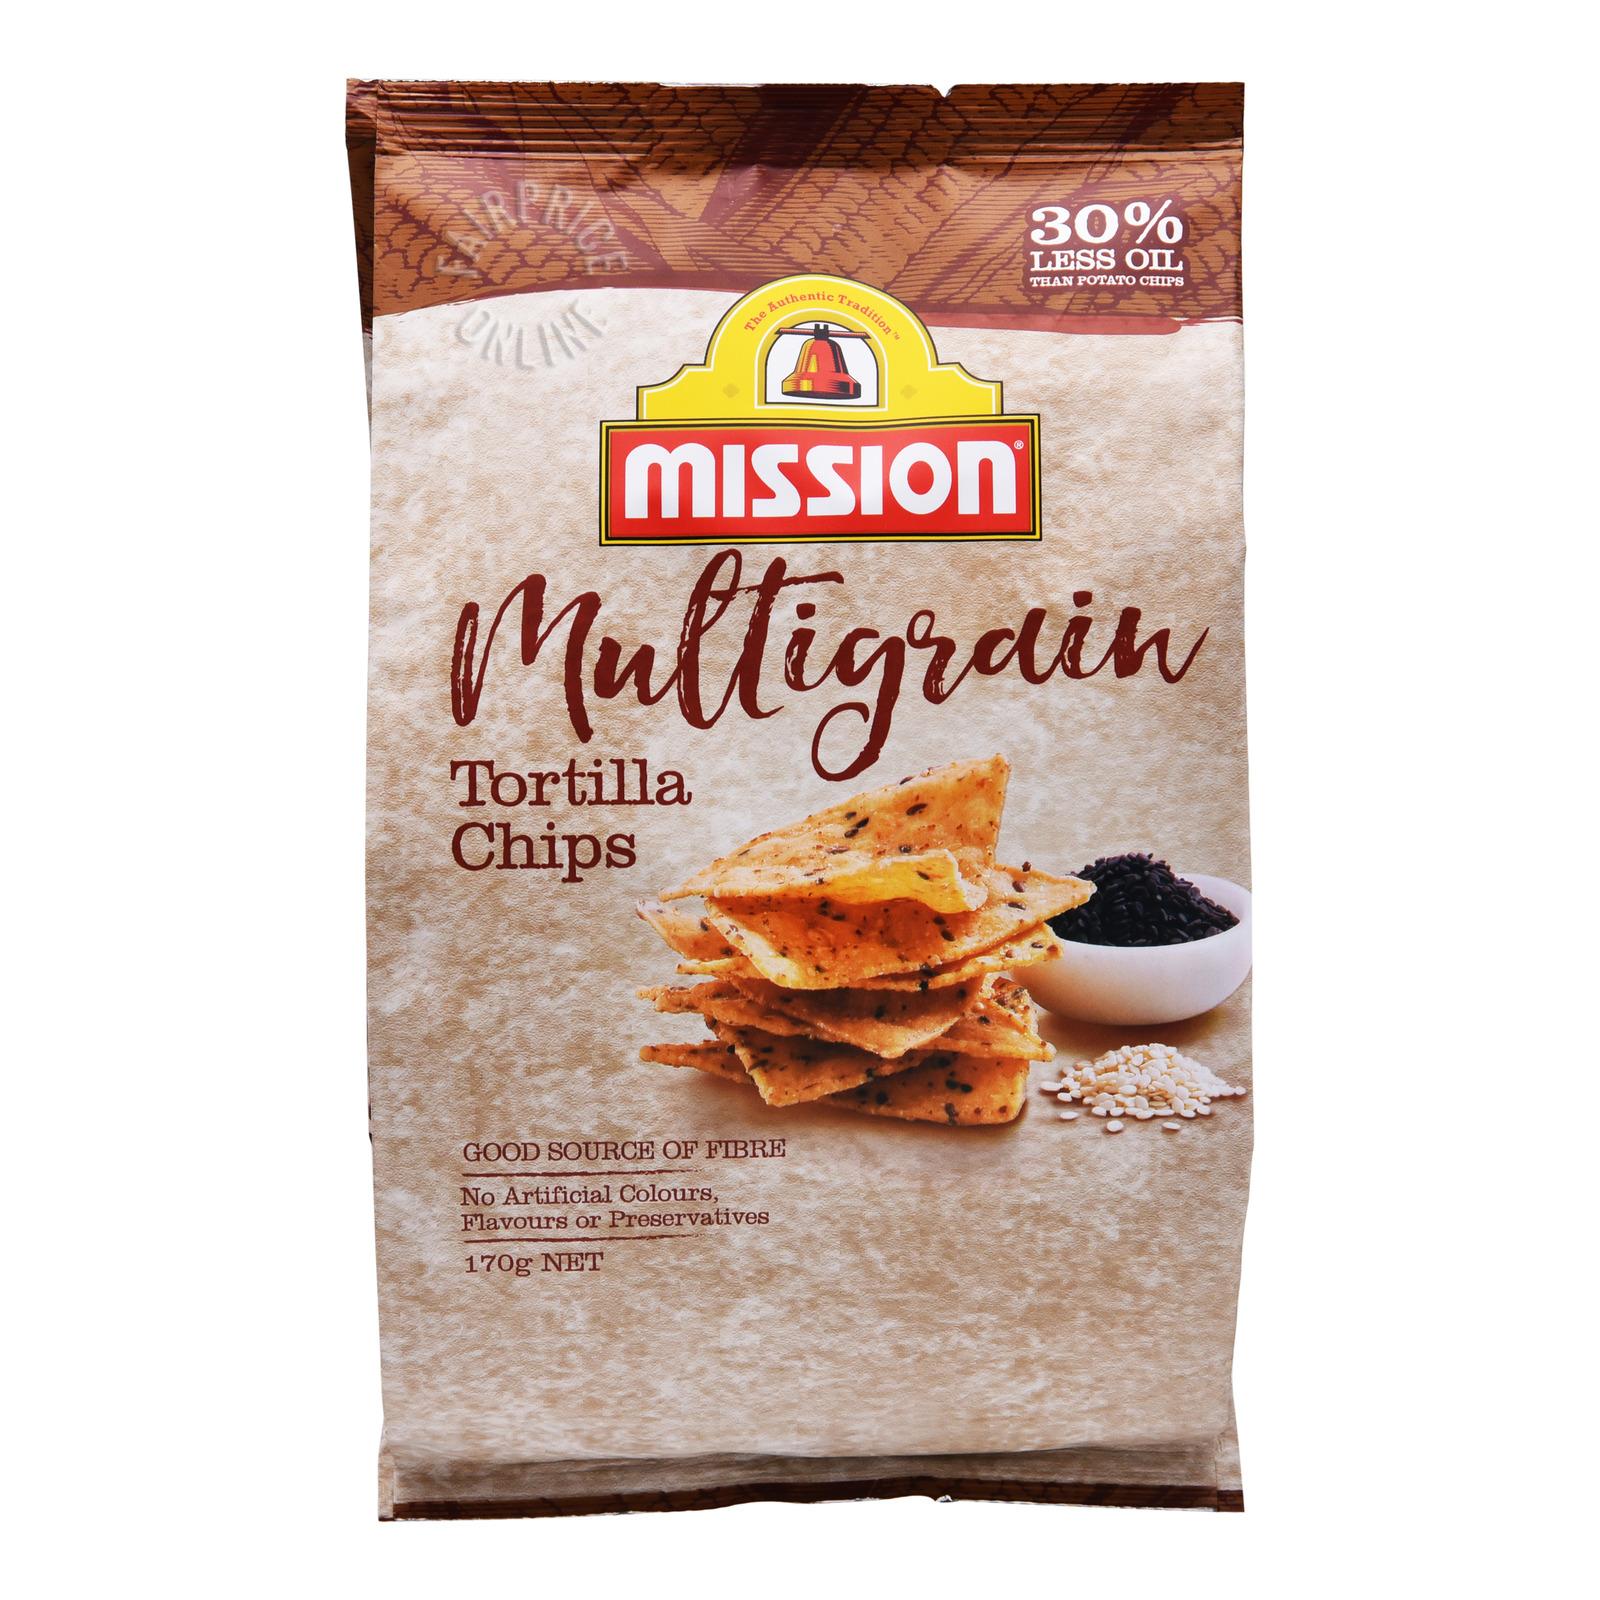 Mission Tortilla Chips - Multigrain